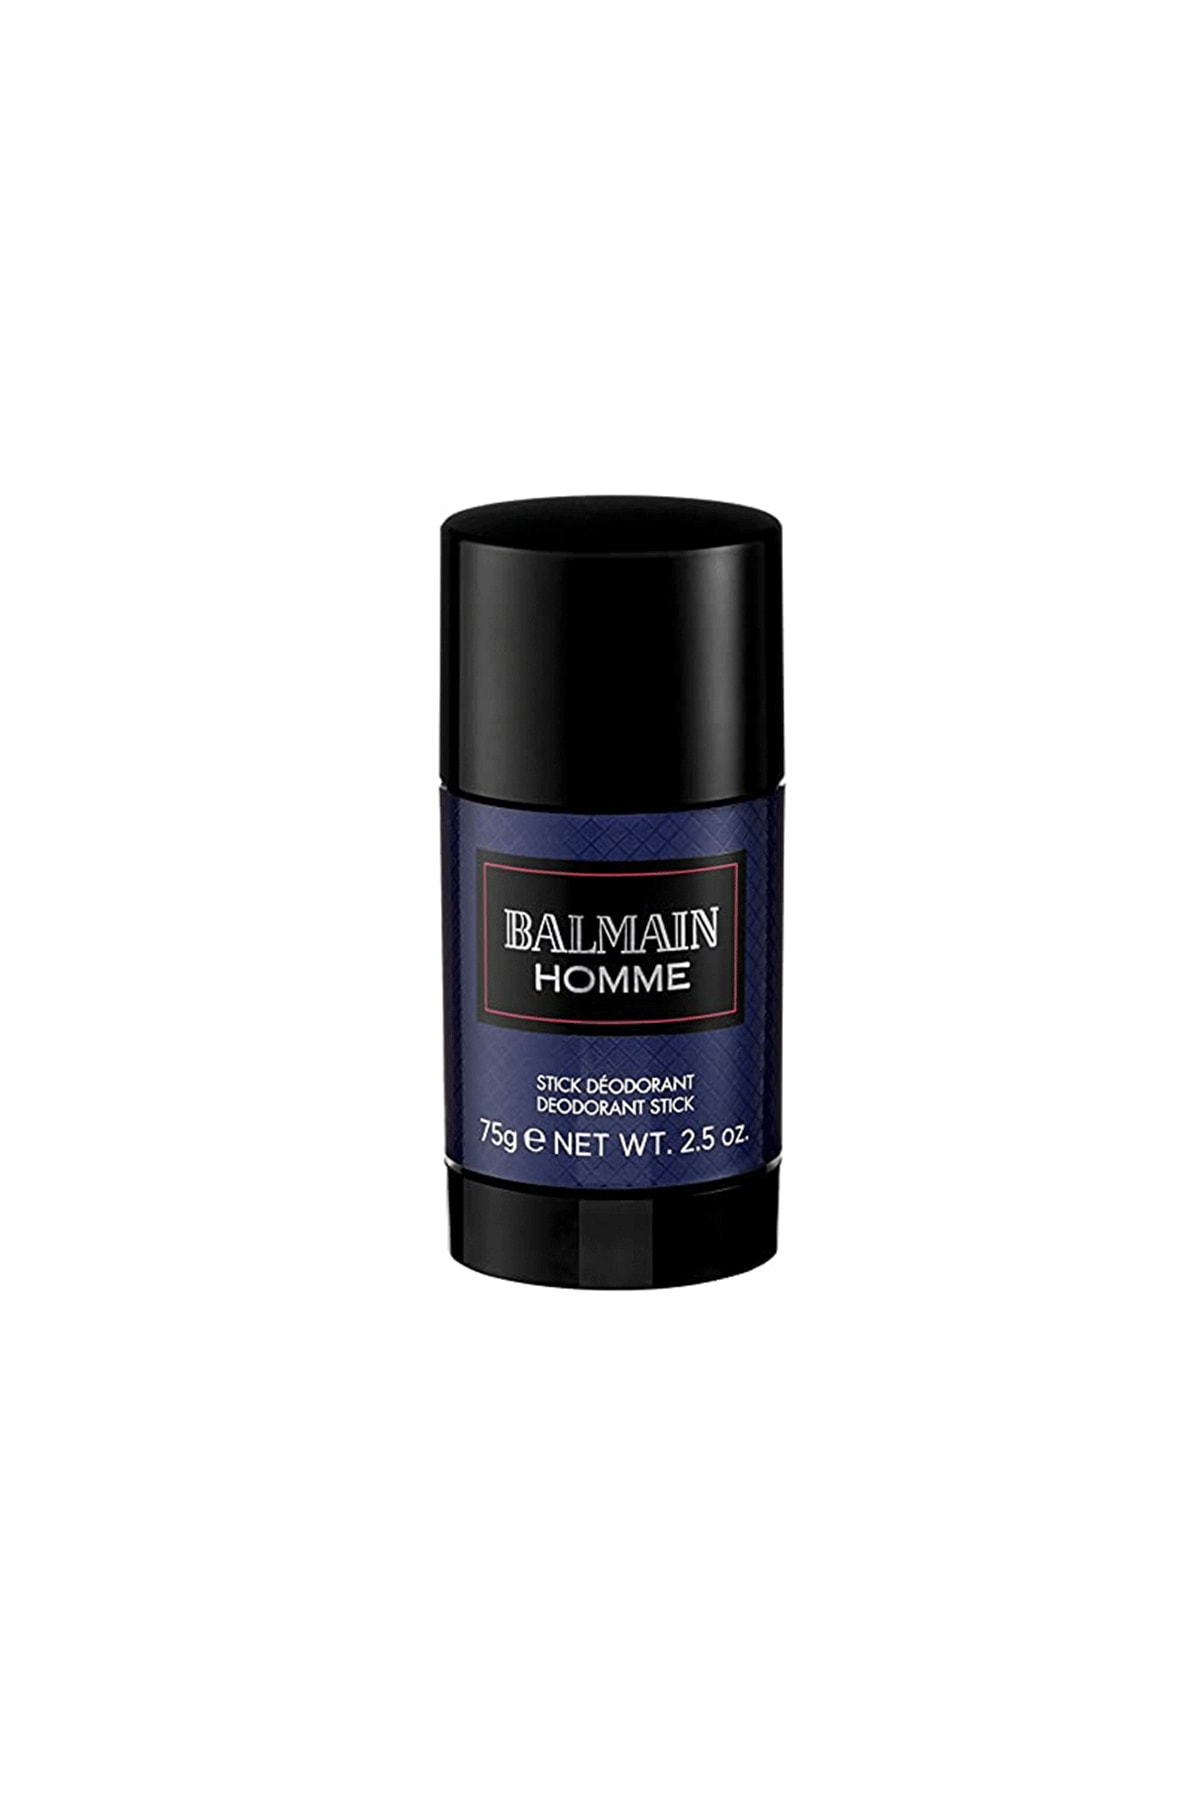 BALMAIN Homme Edt 75 ml Erkek Deo-Stick 3386460070911 1